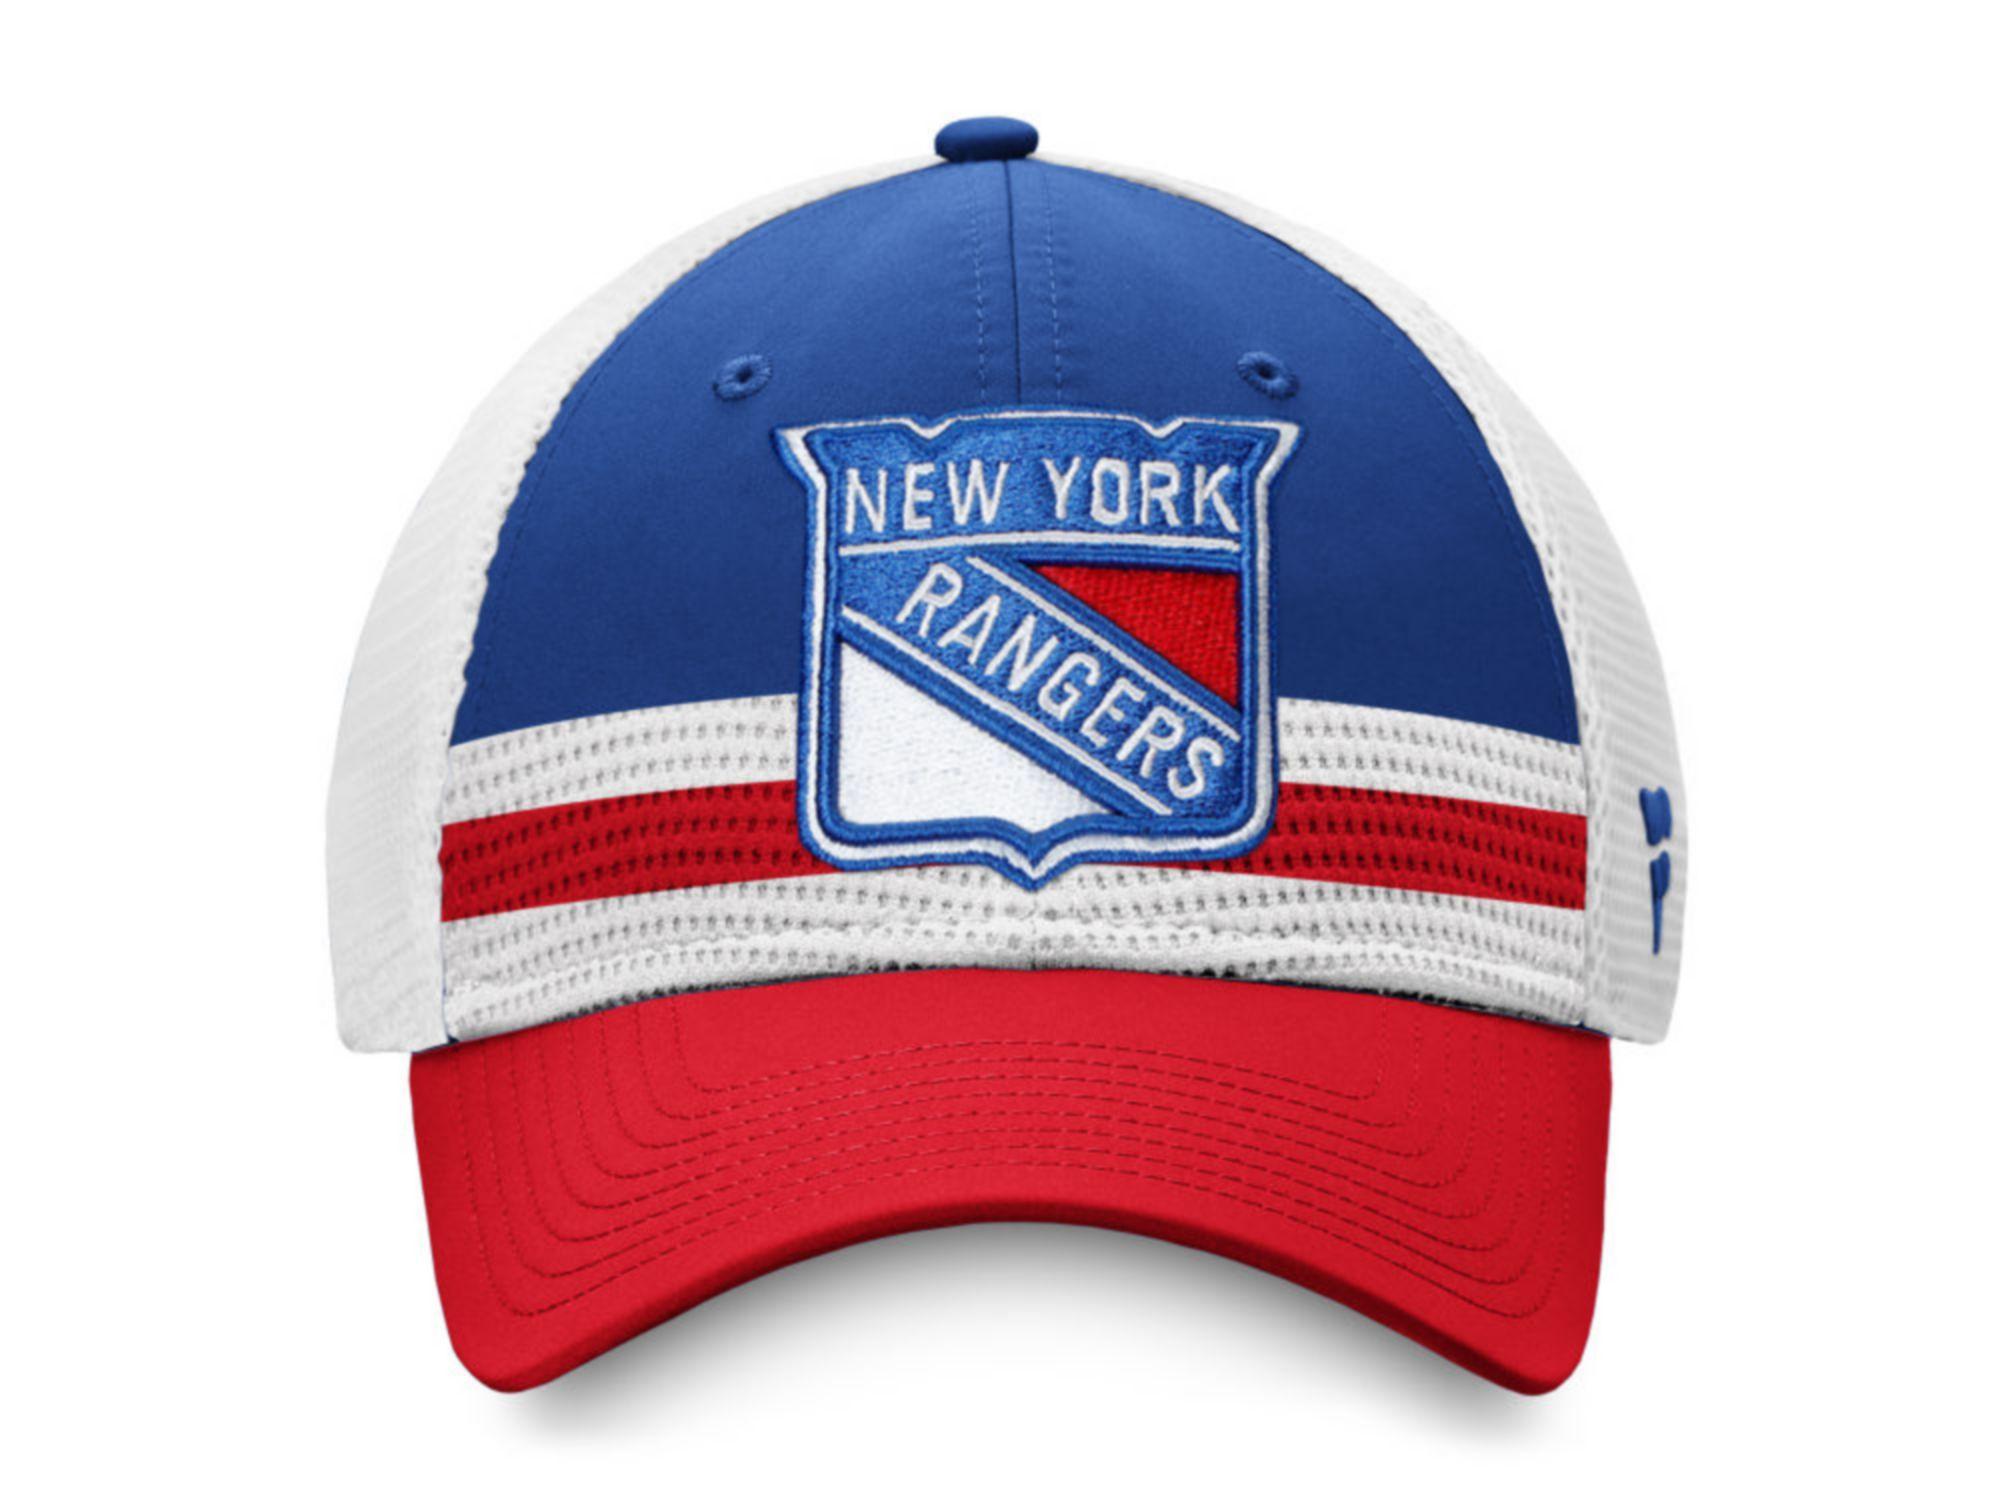 Authentic NHL Headwear New York Rangers 2020 Draft Trucker Cap & Reviews - Sports Fan Shop By Lids - Men - Macy's